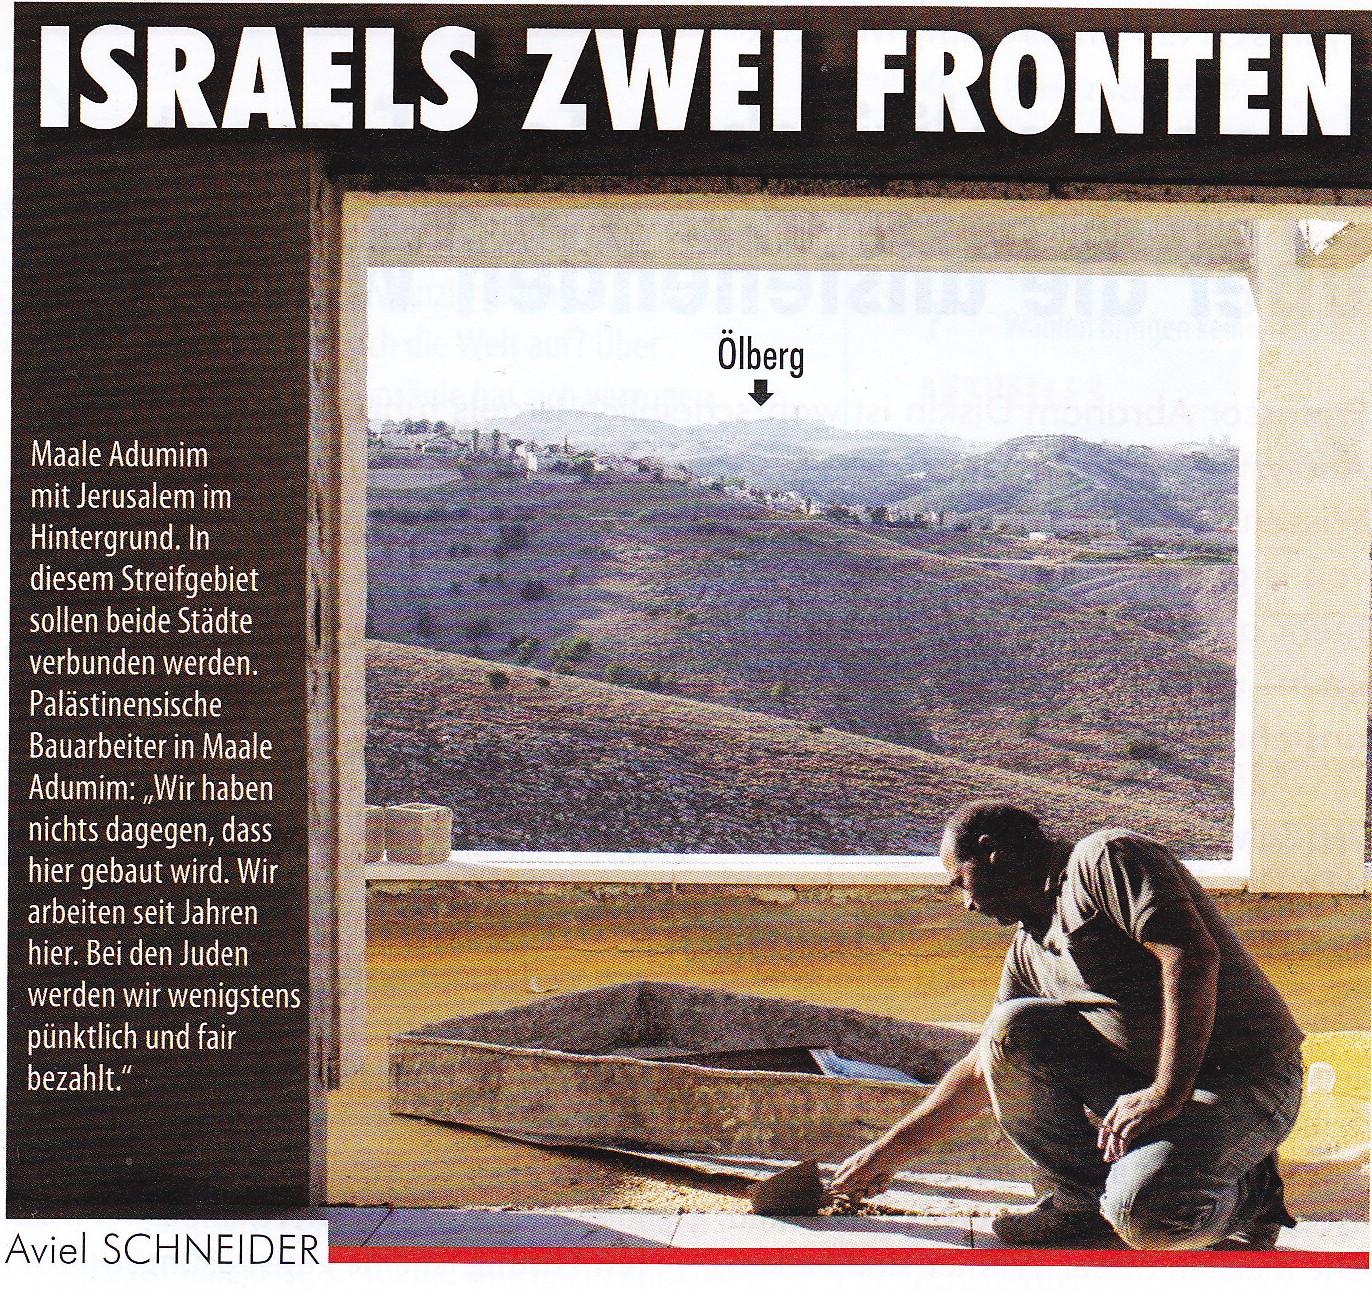 regieren juden die welt